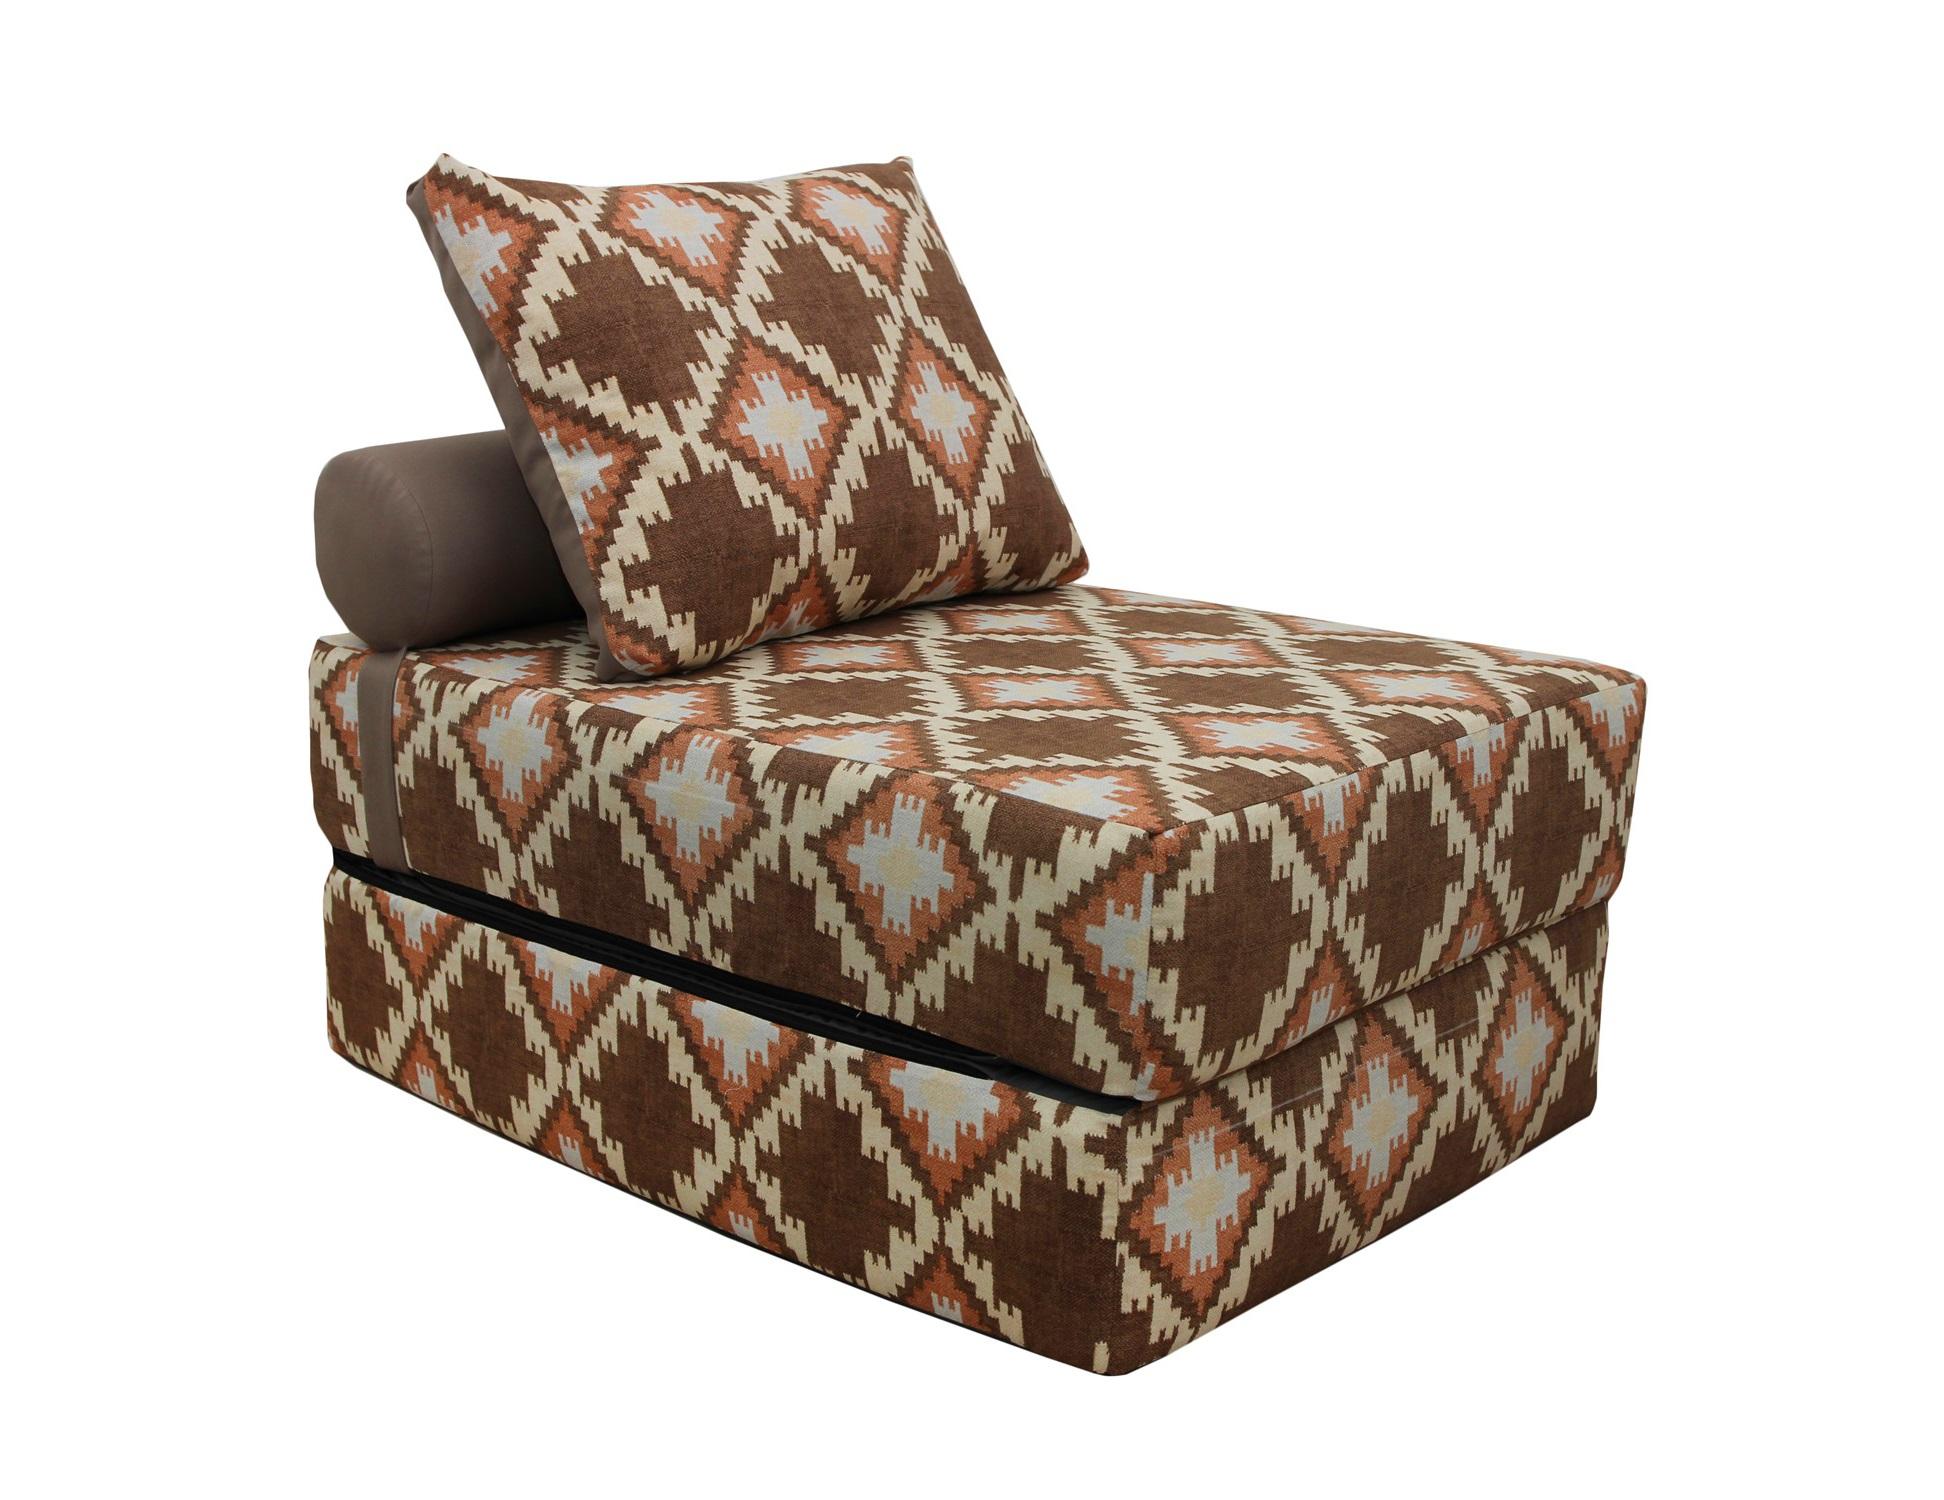 Кресло-кроватьКресла-кровати<br>&amp;lt;div&amp;gt;Если ваша душа всегда требует творчества и вы не сторонник скучных дизайнерских решений - присмотритесь к этому дивану-кровати. Он представляет собой матрас, складывающийся пополам. Съемный чехол позволит менять расцветку вашей кровати так часто, как вы сами того пожелаете, ведь в этой линейке очень много вариантов необычных и ярких орнаментов. Жесткость матраса оптимальна для полноценного сна, а компактность этого дивана позволит ему поместиться даже в небольшом помещении.&amp;lt;/div&amp;gt;&amp;lt;div&amp;gt;&amp;lt;br&amp;gt;&amp;lt;/div&amp;gt;&amp;lt;div&amp;gt;В сложенном виде: 70х40х100, в разобранном виде 70х20х200, валик d20х40, подушка 50х70 см.&amp;lt;/div&amp;gt;<br><br>Material: Текстиль<br>Ширина см: 100<br>Высота см: 40<br>Глубина см: 75